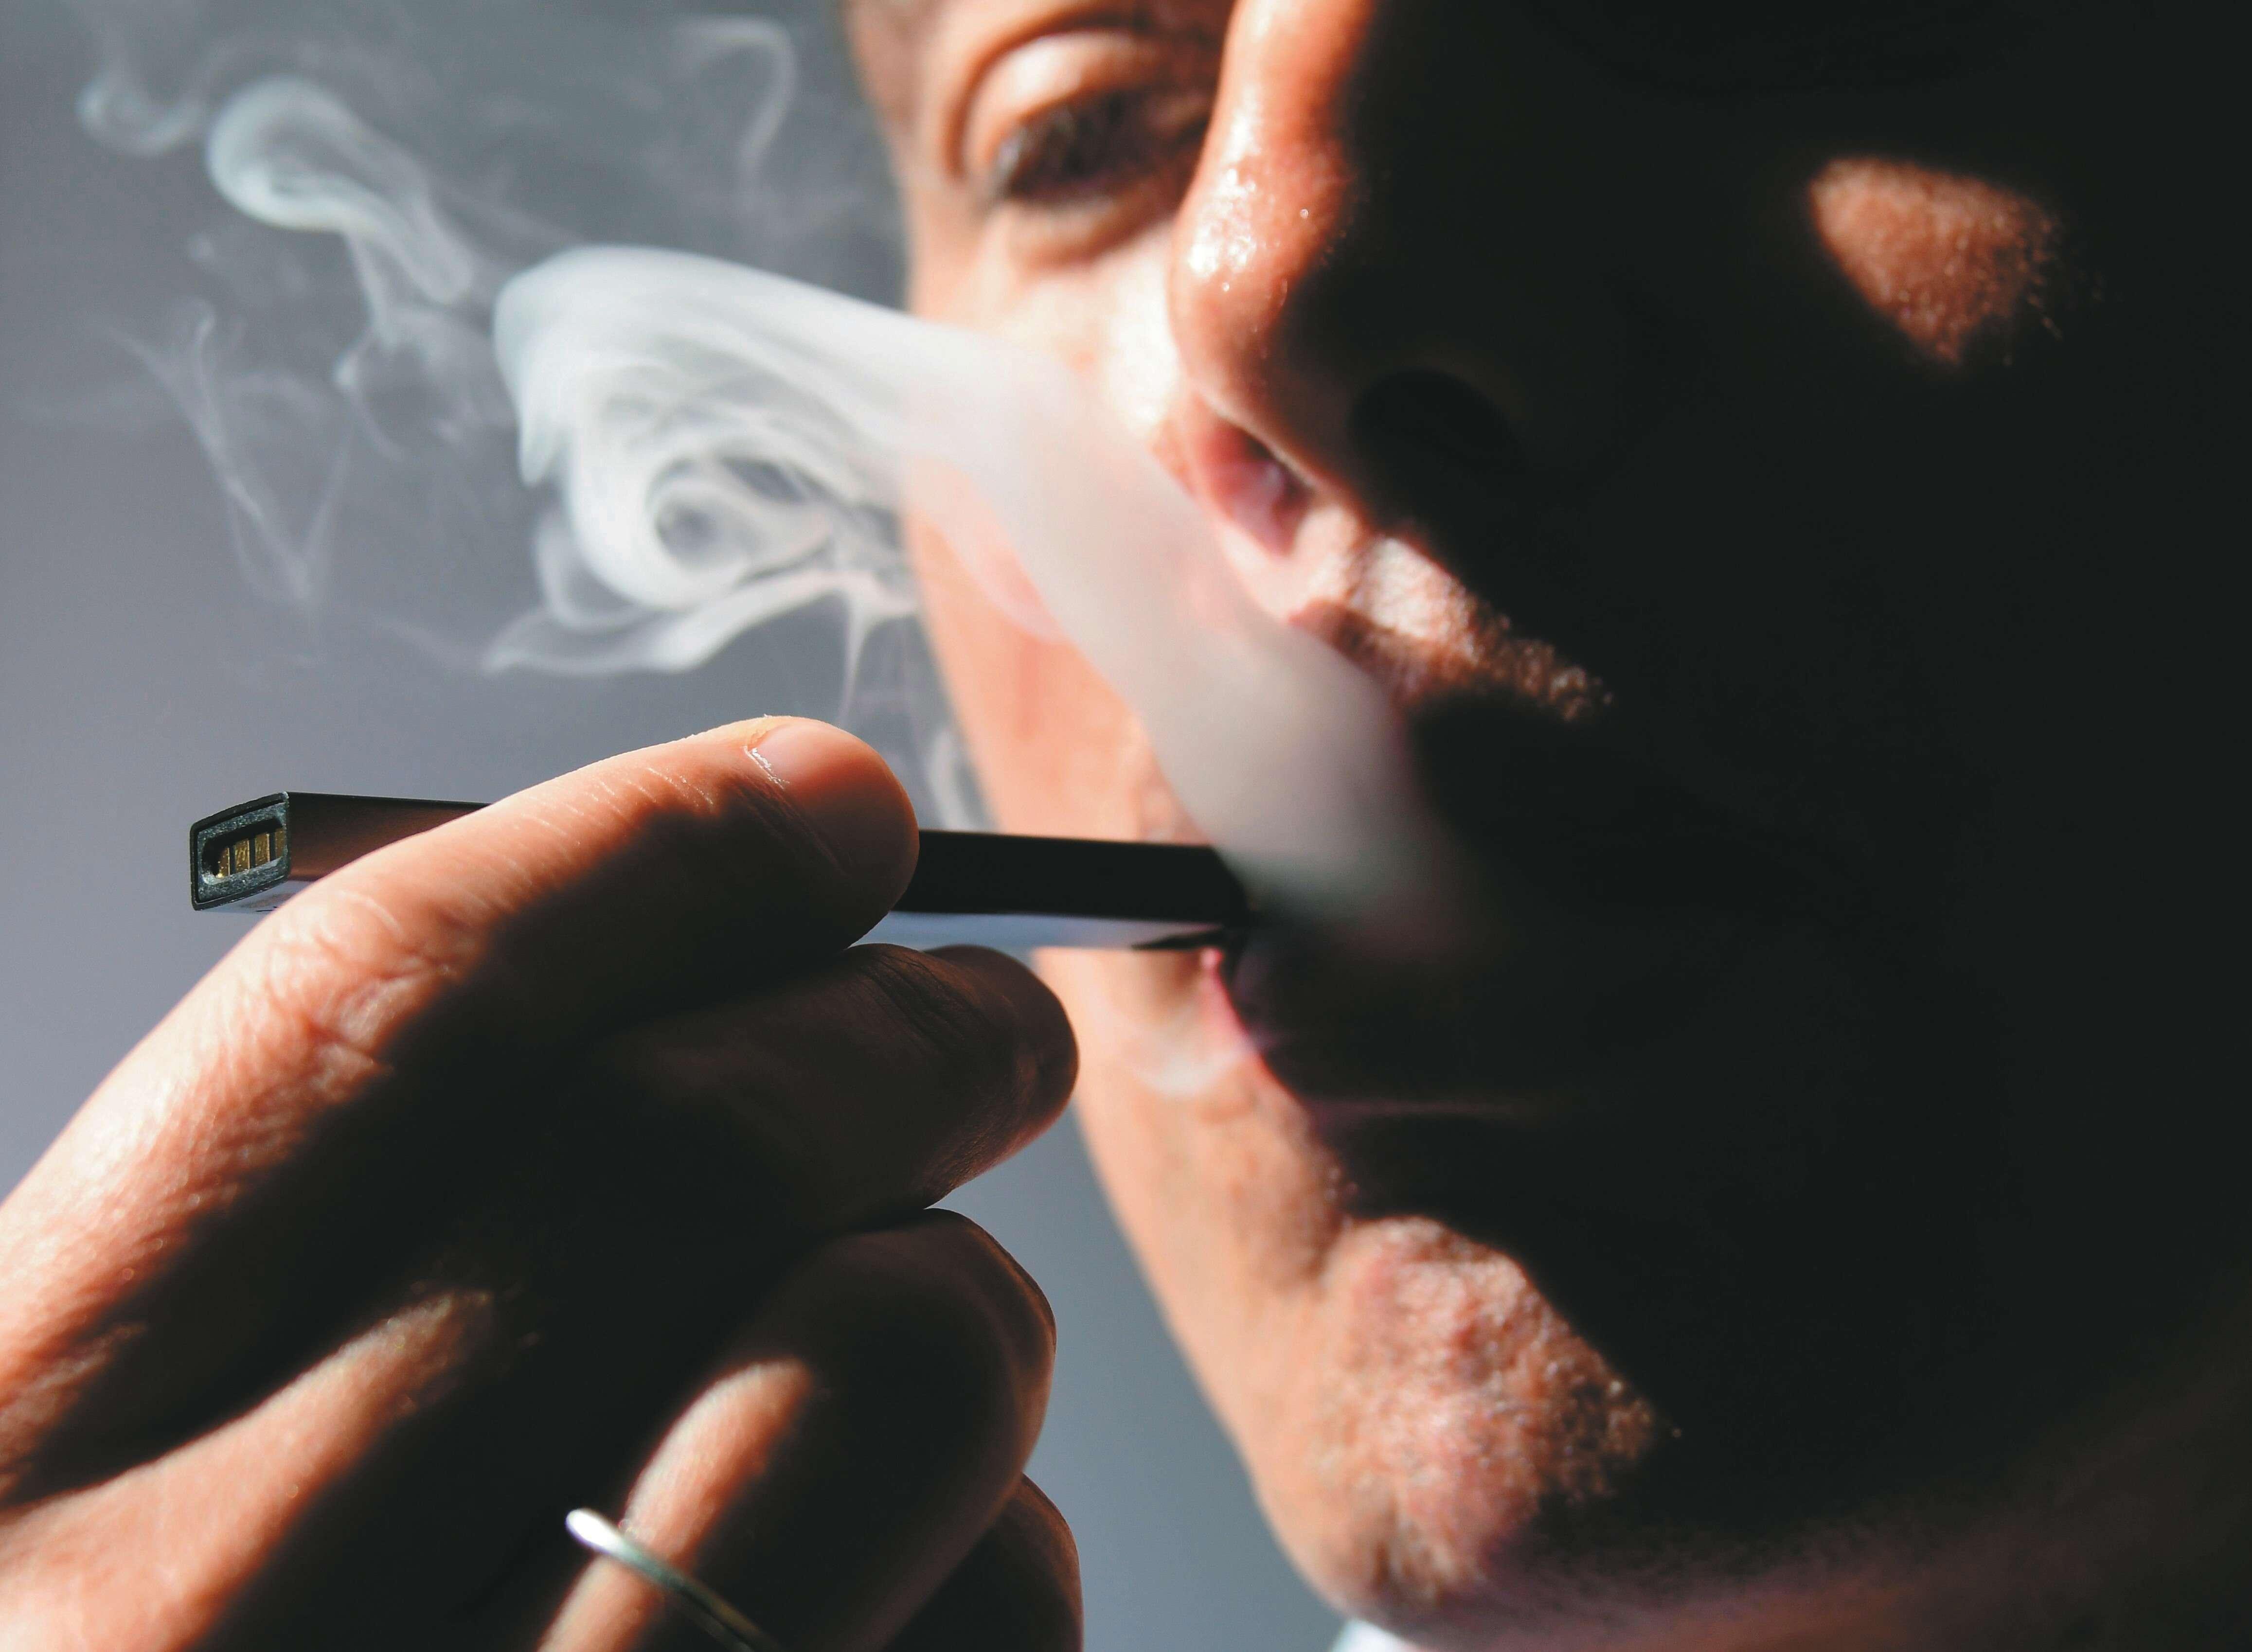 פסק הלכה: מותר לקנות רק סיגריה אלקטרונית כשרה